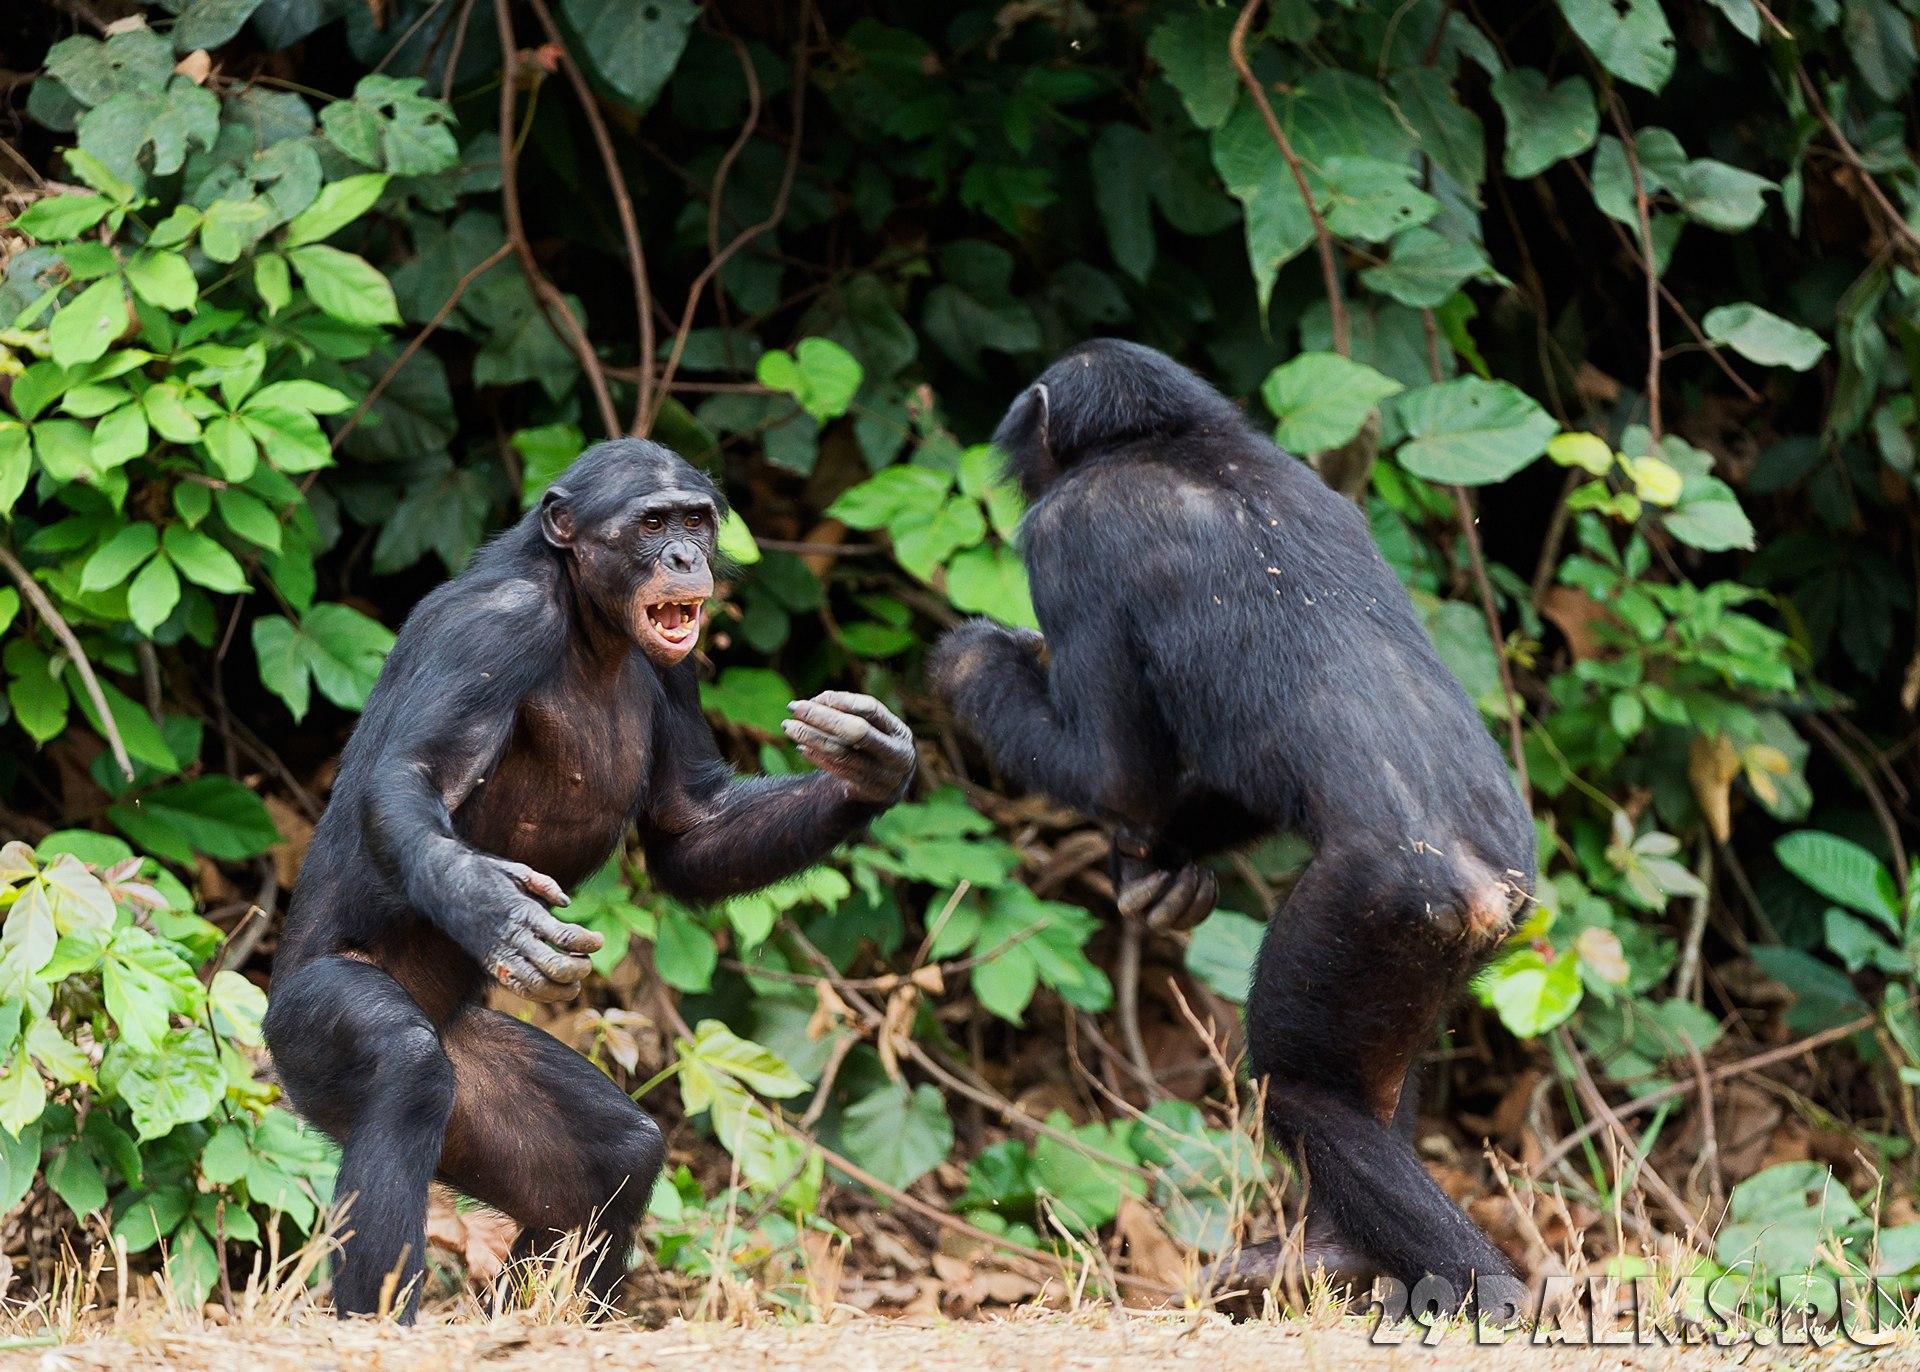 Primates apes sex aggression